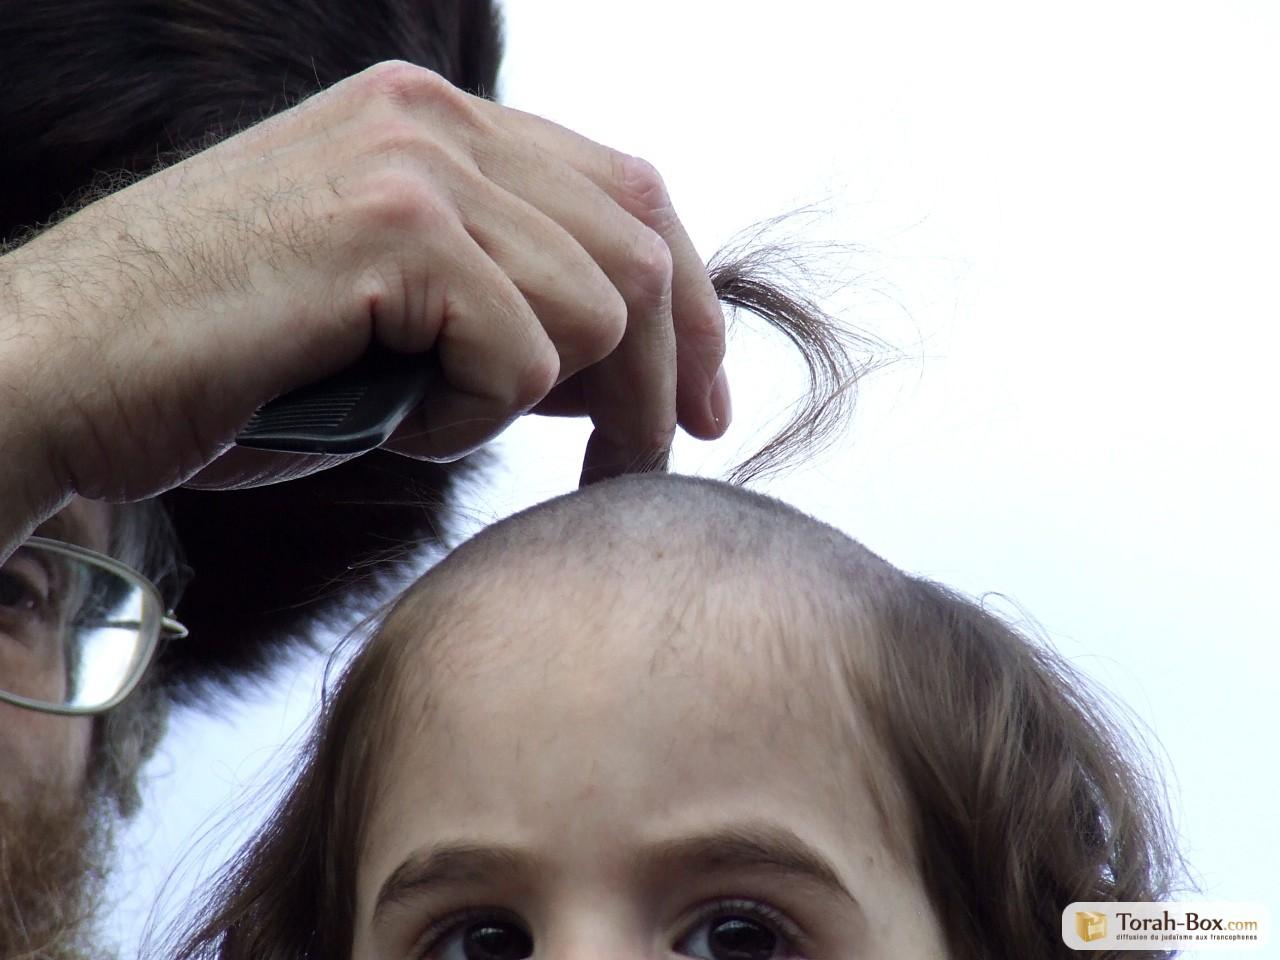 Application Coupe De Cheveux Homme se rapportant à sylvia chester blog coupe de cheveux carrac coupe de cheveux homme